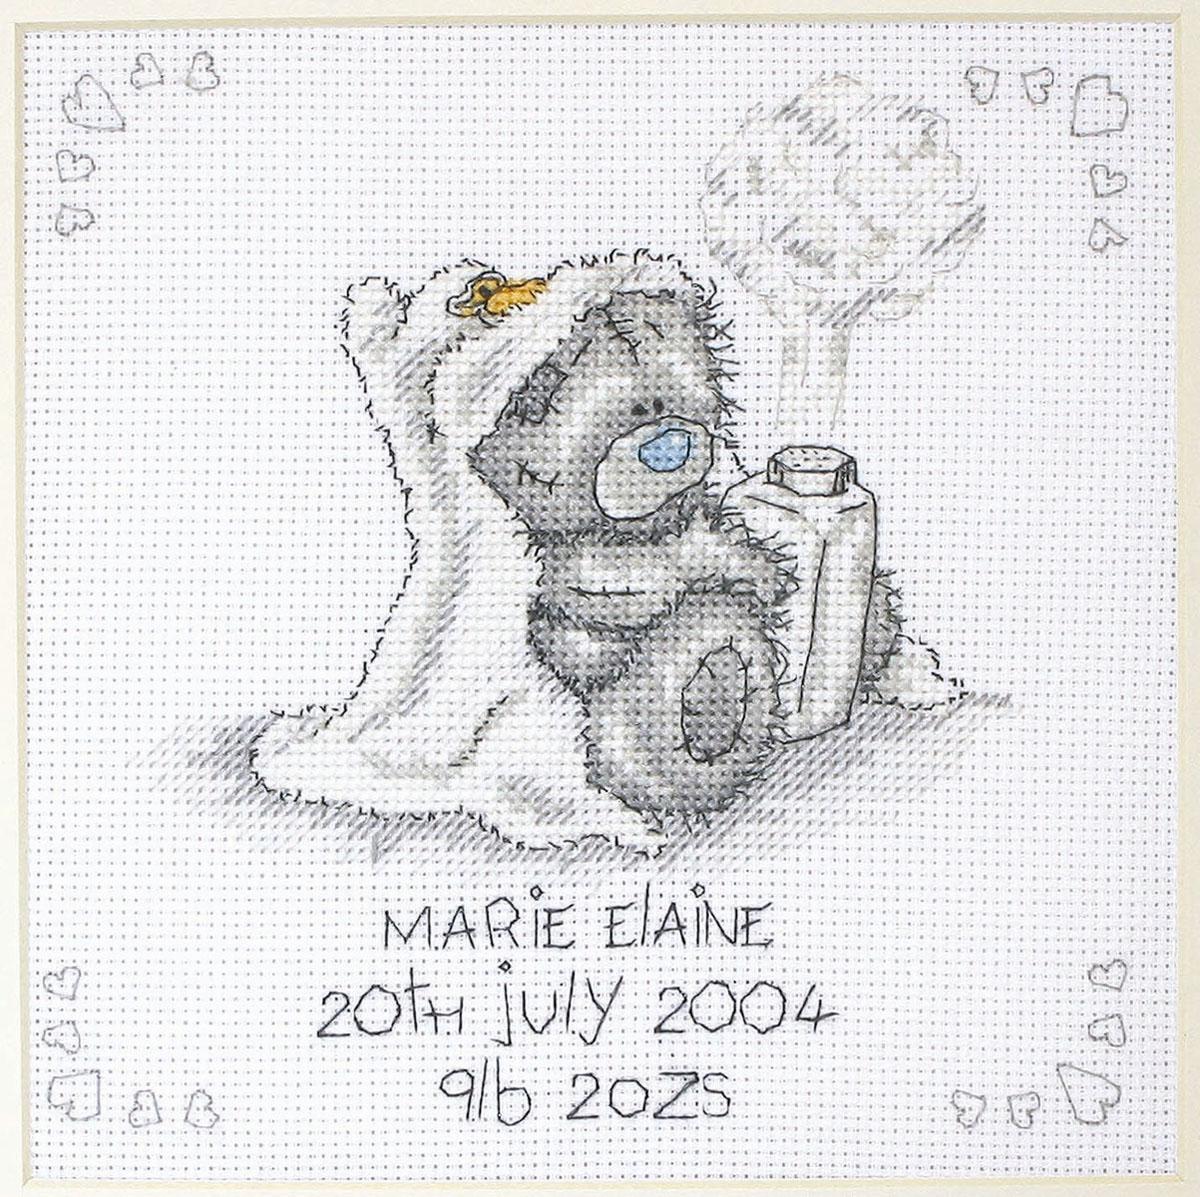 Набор для вышивания крестом Детская присыпка, 16 см х 16 смTT103В наборе для вышивания крестом Детская присыпка есть все необходимое для создания роскошной интерьерной картины: обработанная канва Аида 14 белого цвета, хлопковые нитки мулине, символьная схема, 1 игла, инструкция по вышиванию на русском языке. Необычайной красоты рисунок-вышивка с изображением милого медвежонка Тедди в полотенце с капюшоном и детской присыпкой в лапках привлечет к себе внимание и будет потрясающе смотреться в интерьере вашего помещения, особенно в интерьере детской комнаты. Вышивание крестом отвлечет вас от повседневных забот и превратится в увлекательное занятие! Работа, сделанная своими руками, создаст особый уют и атмосферу в доме, и долгие годы будет радовать вас и ваших близких.